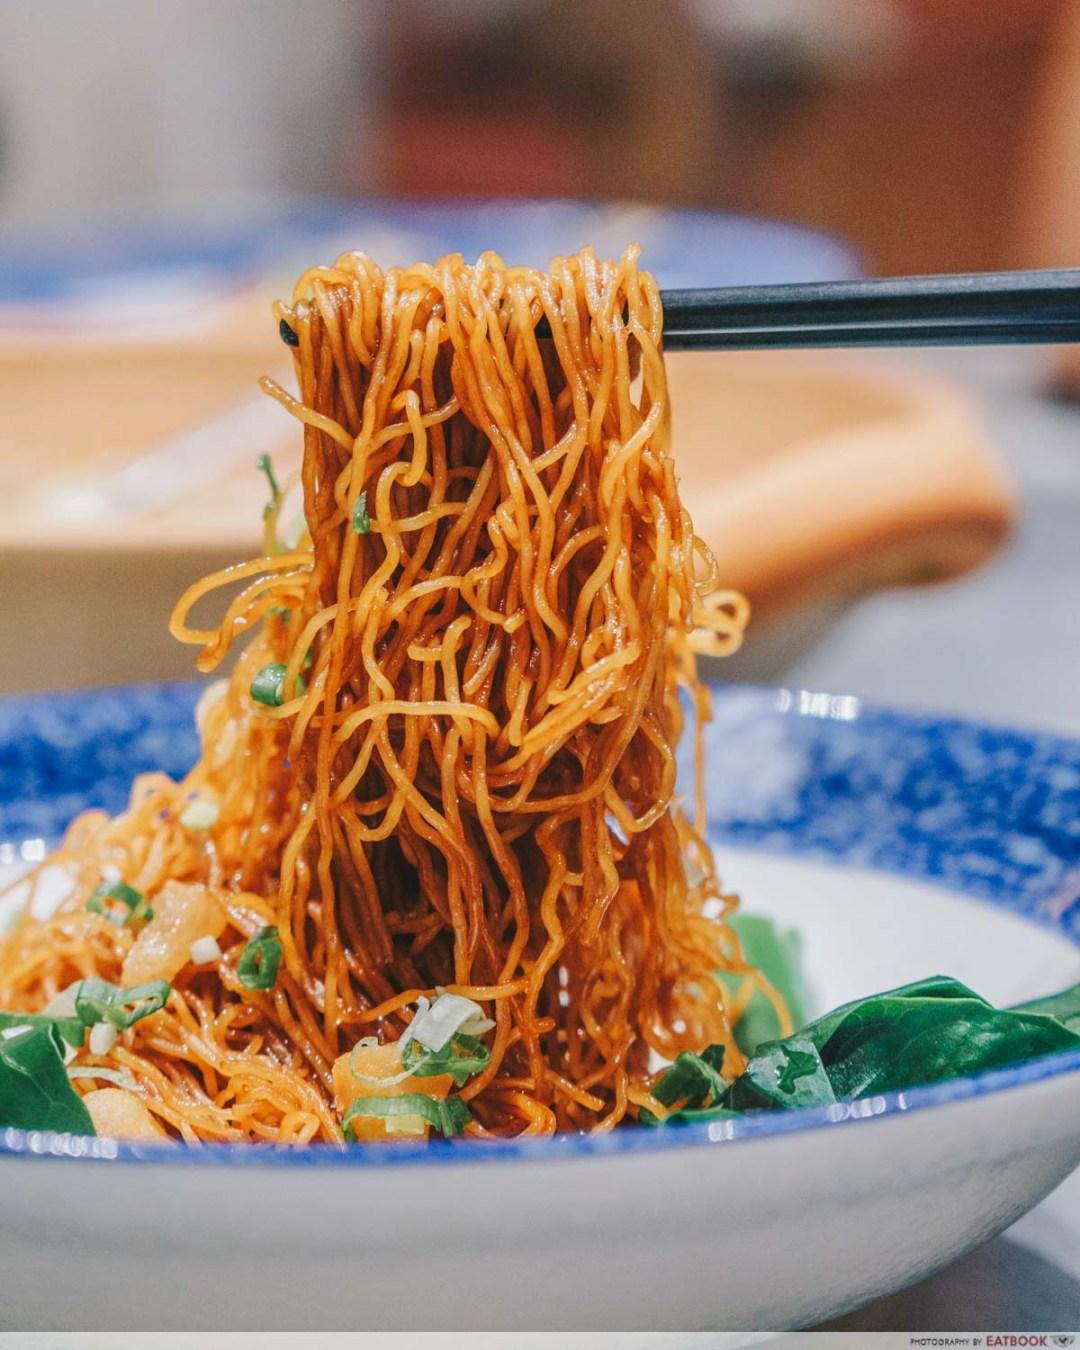 Shang Social - Jewel springy noodles